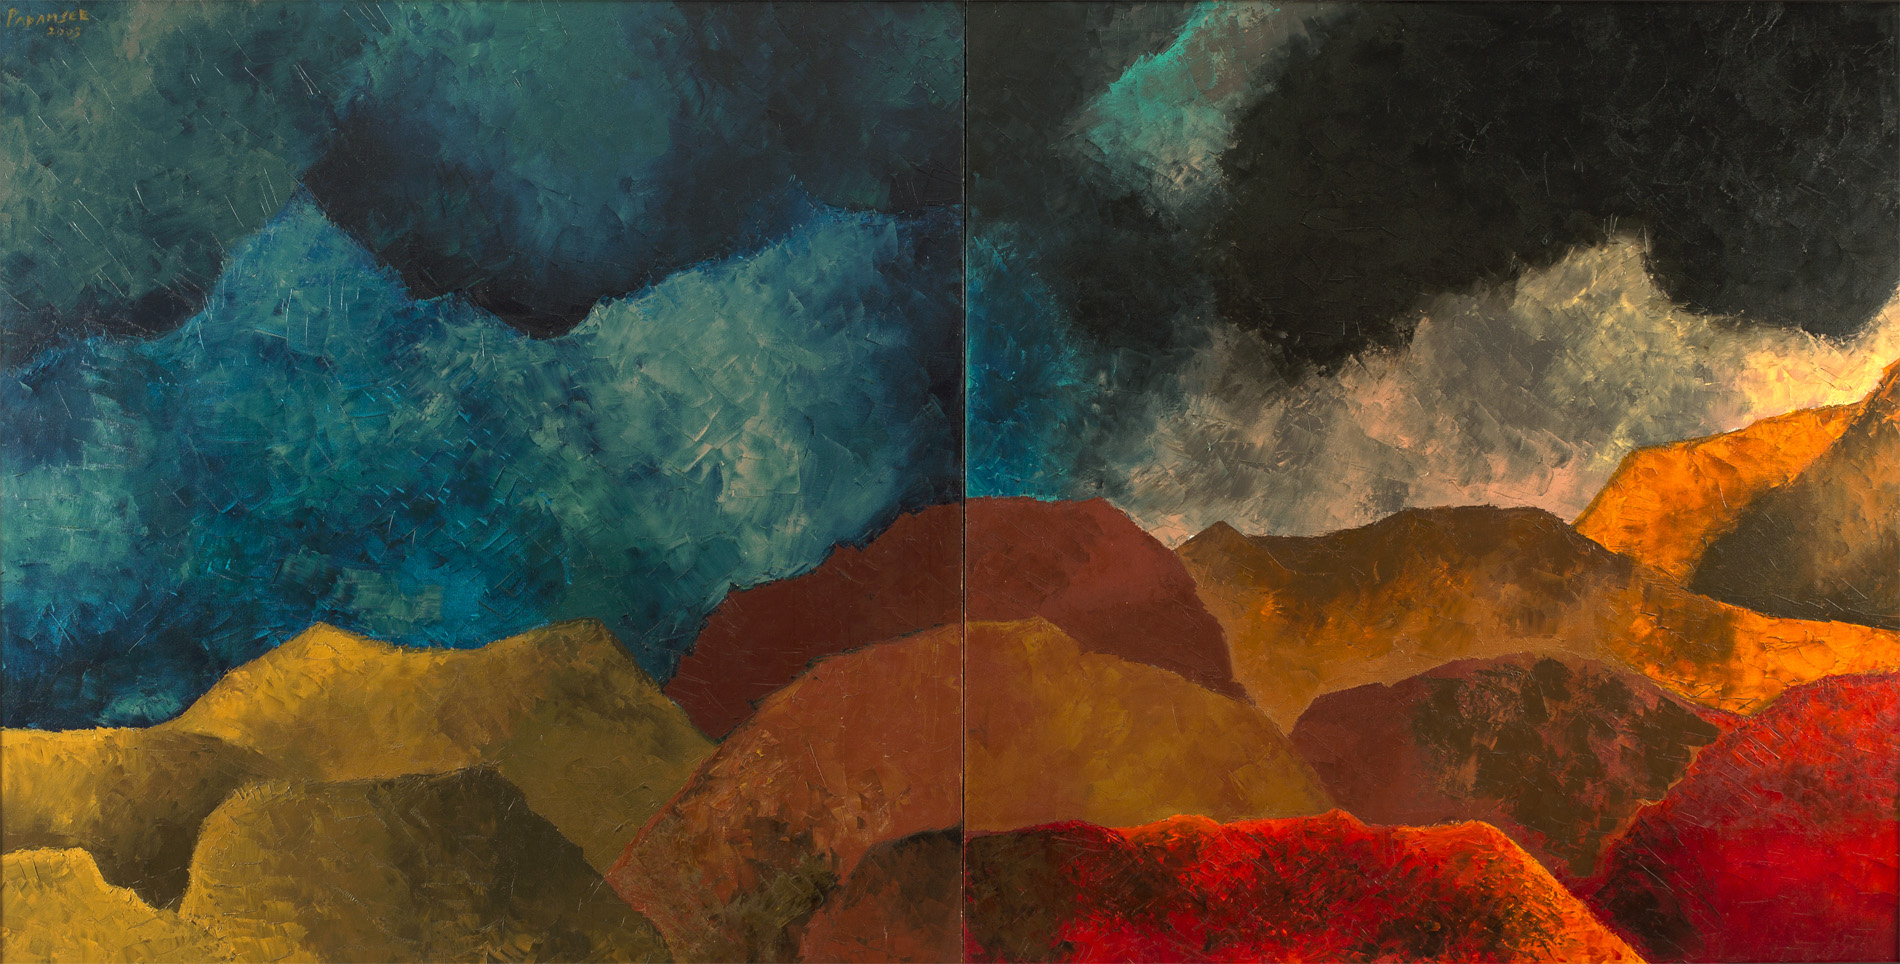 Akbar Padamsee-Untitled (Mirror Image)-2003